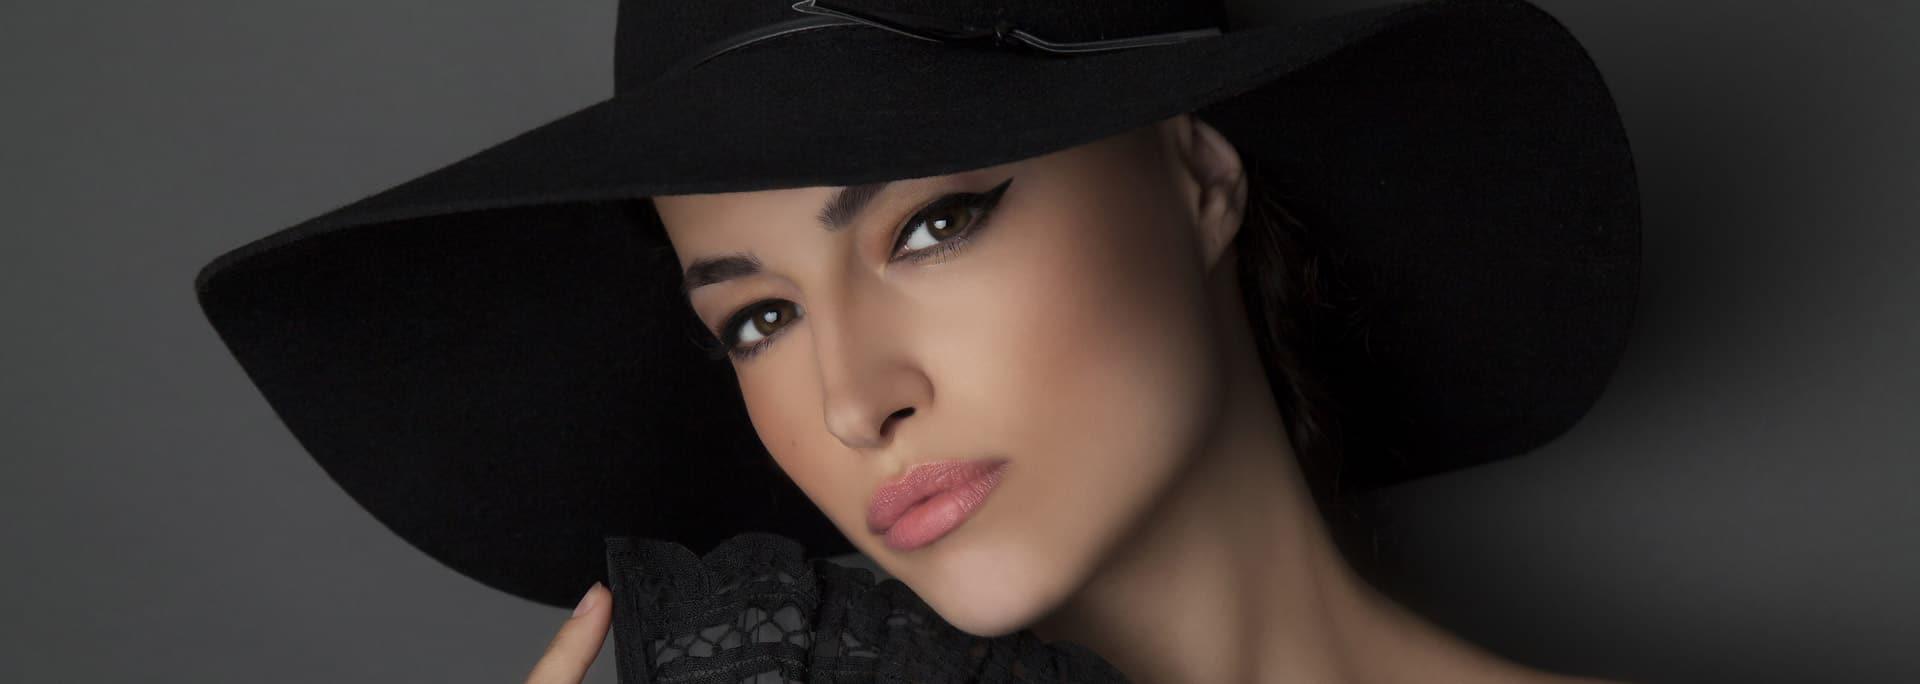 Kobieta w kapeluszu - nieoperacyjny lifting twarzy kwasem hialuronowym w klinice Magnopere w Krakowie